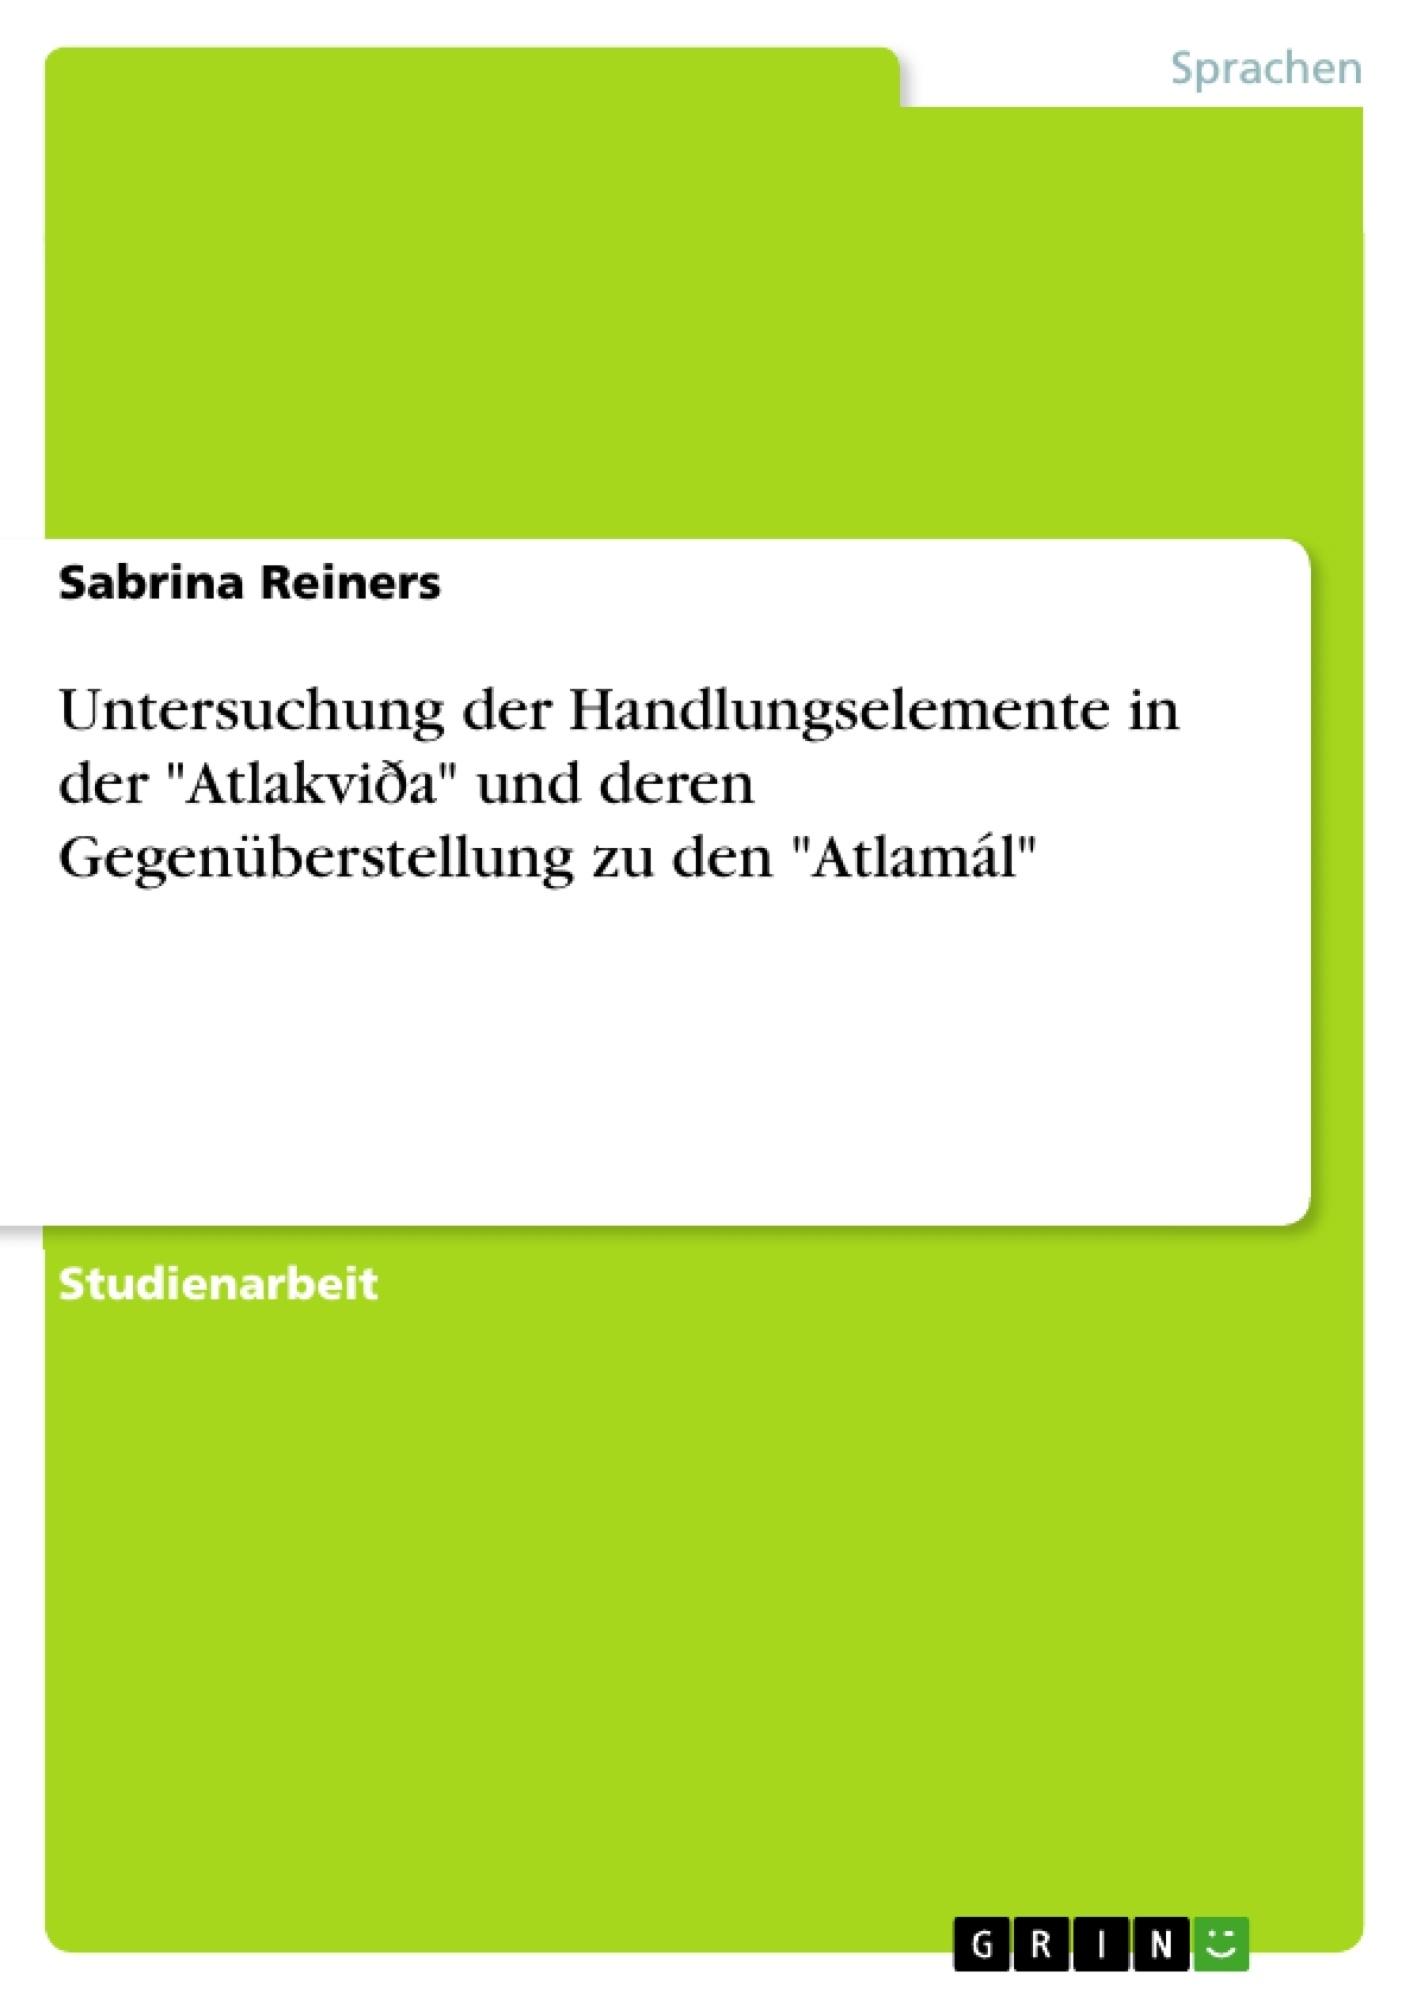 """Titel: Untersuchung der Handlungselemente in der """"Atlakviða"""" und deren Gegenüberstellung zu den """"Atlamál"""""""